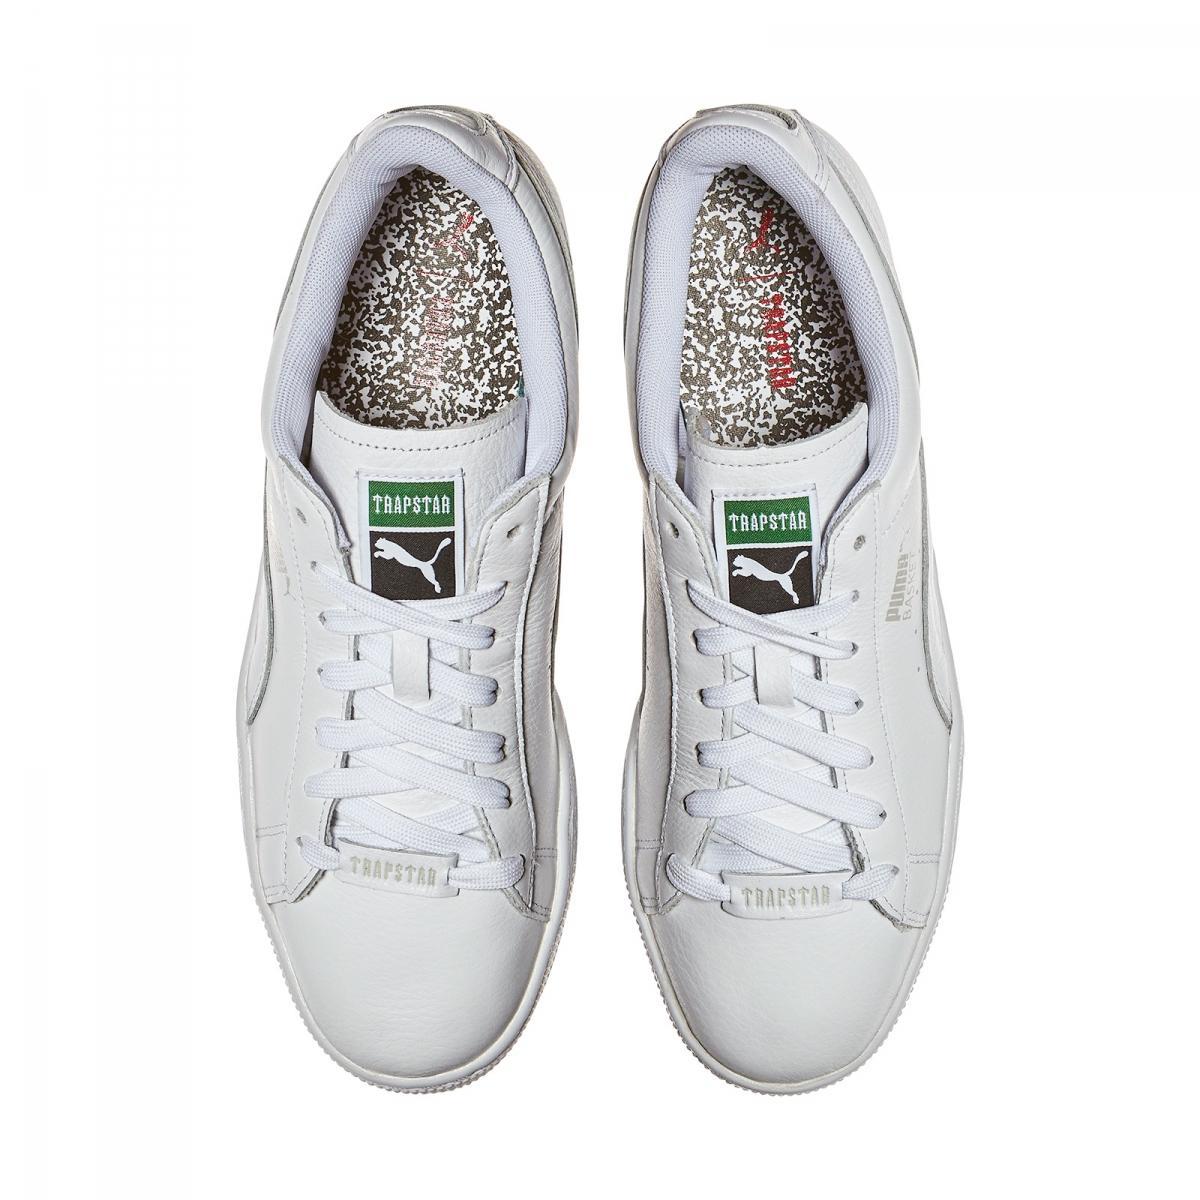 Trapstar Uk Shoes